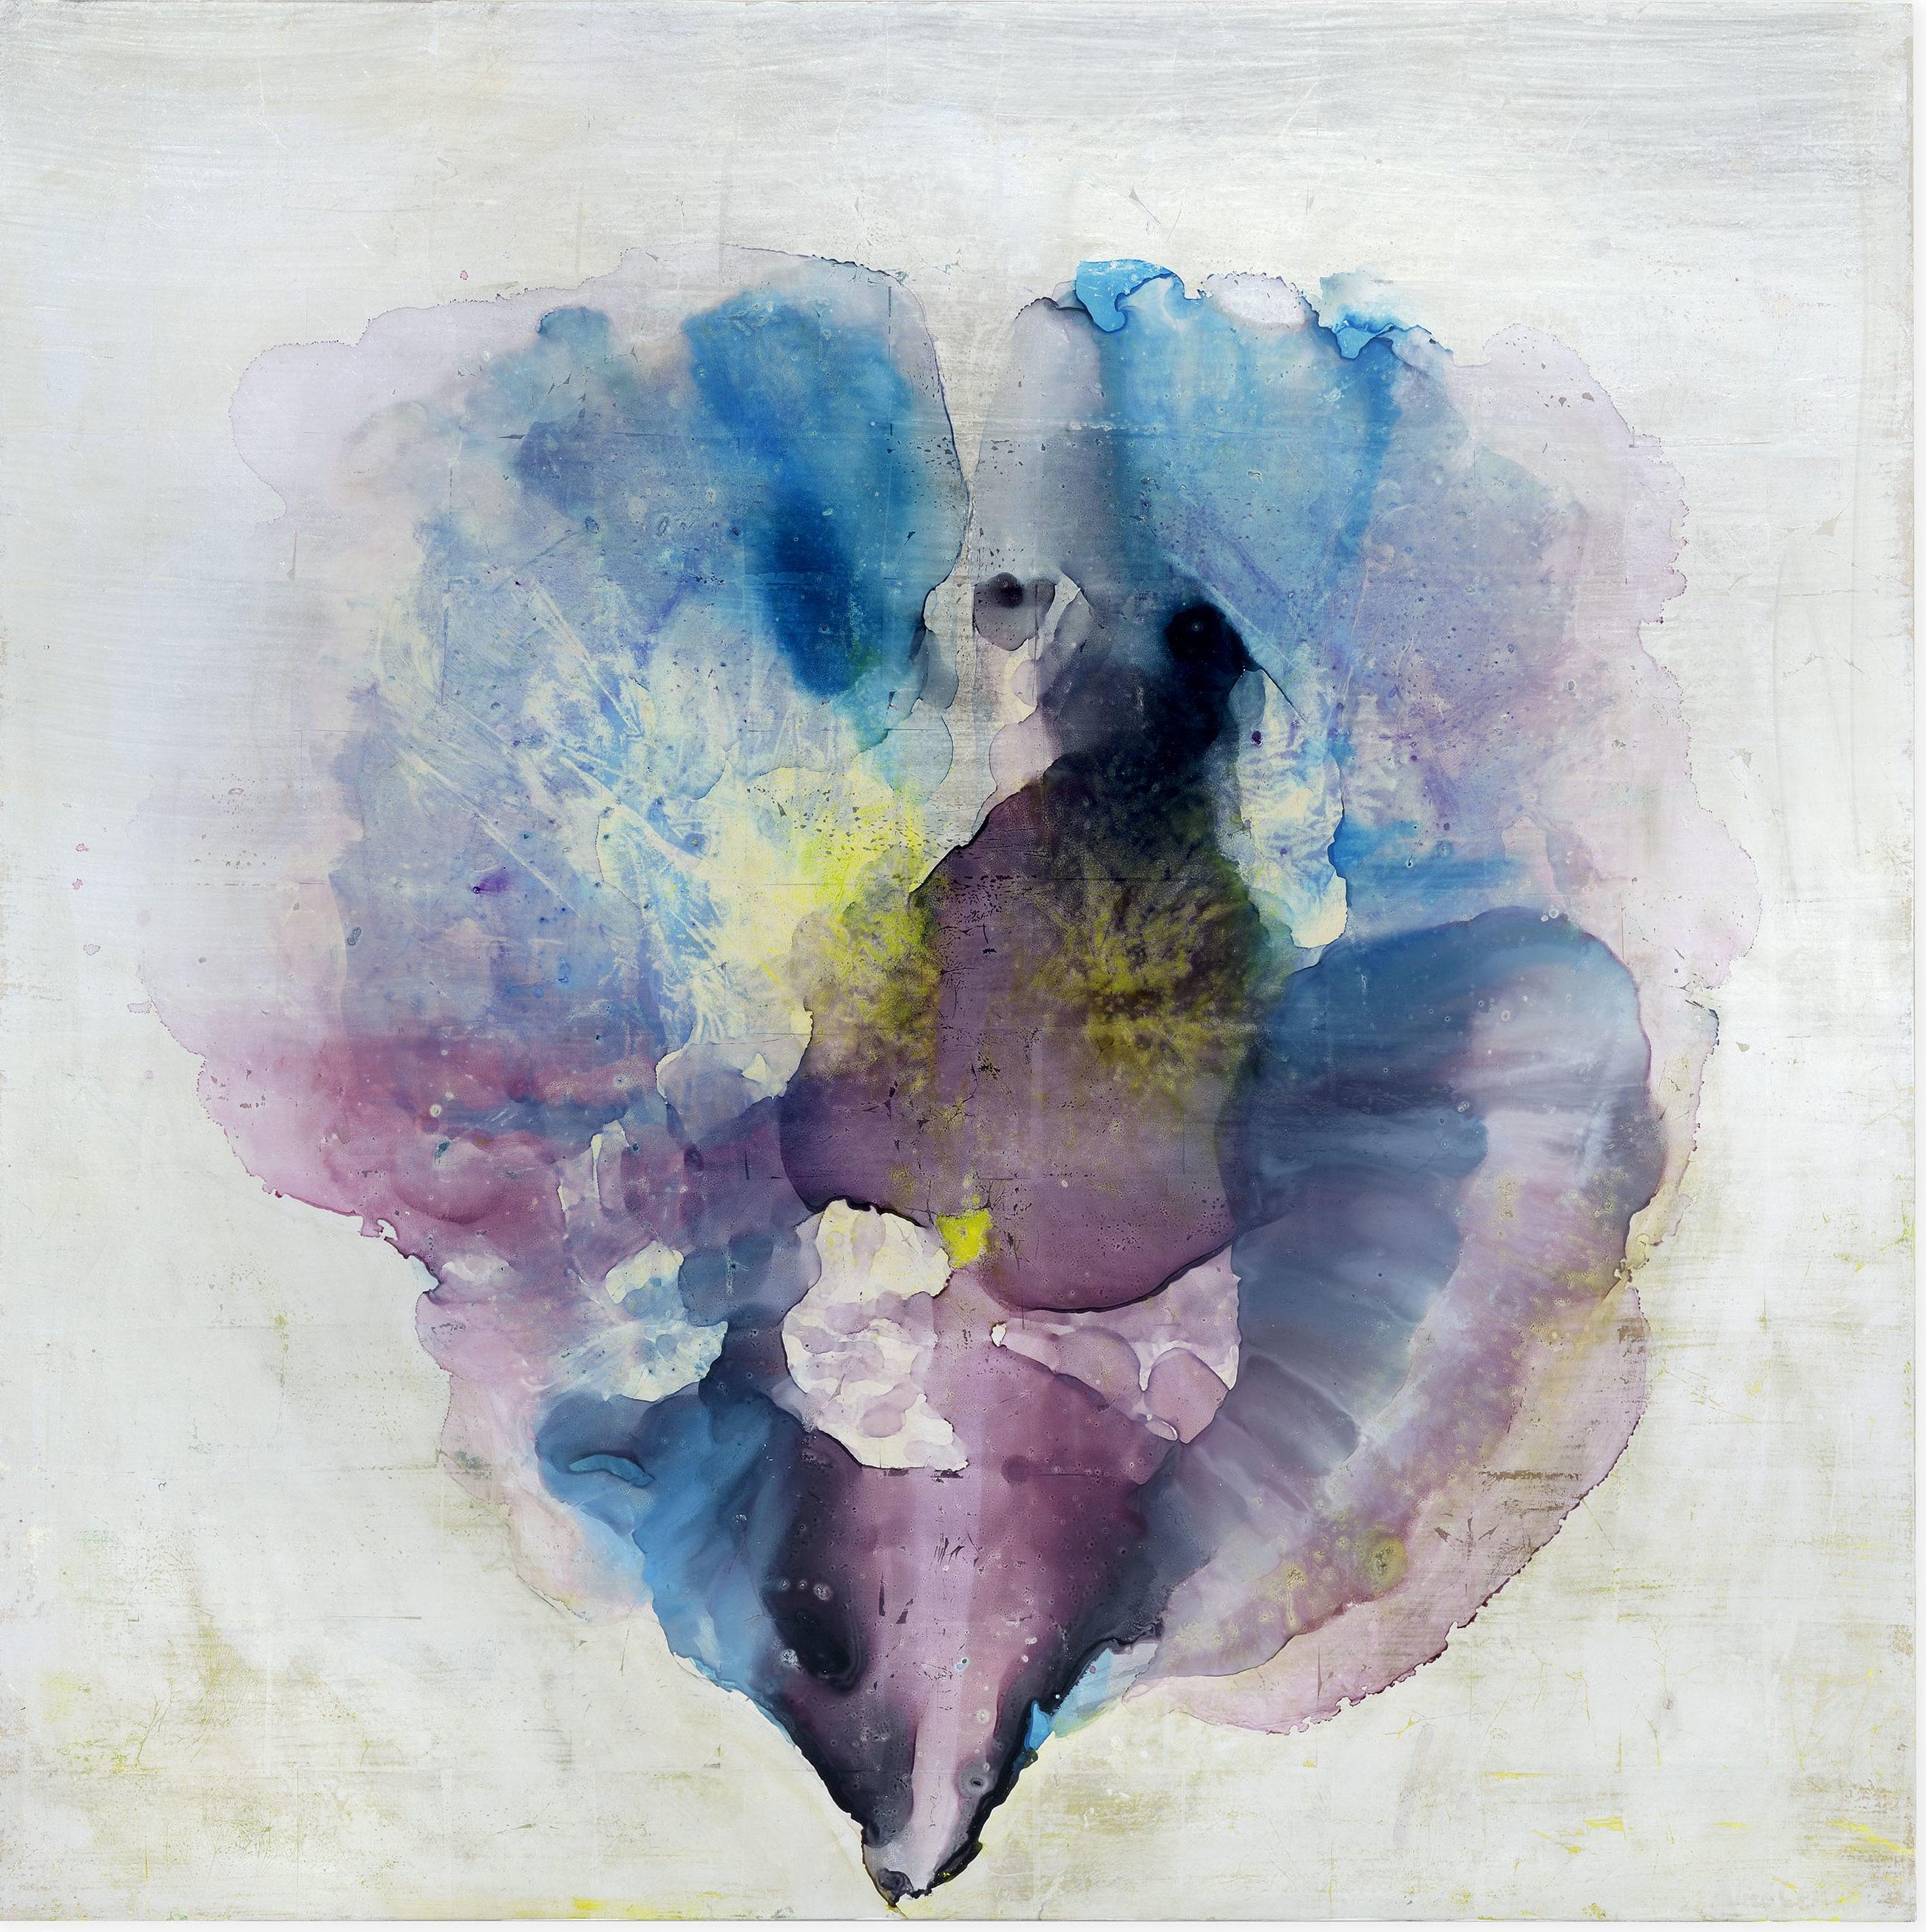 Butterfly Effect by Alice Cescatti